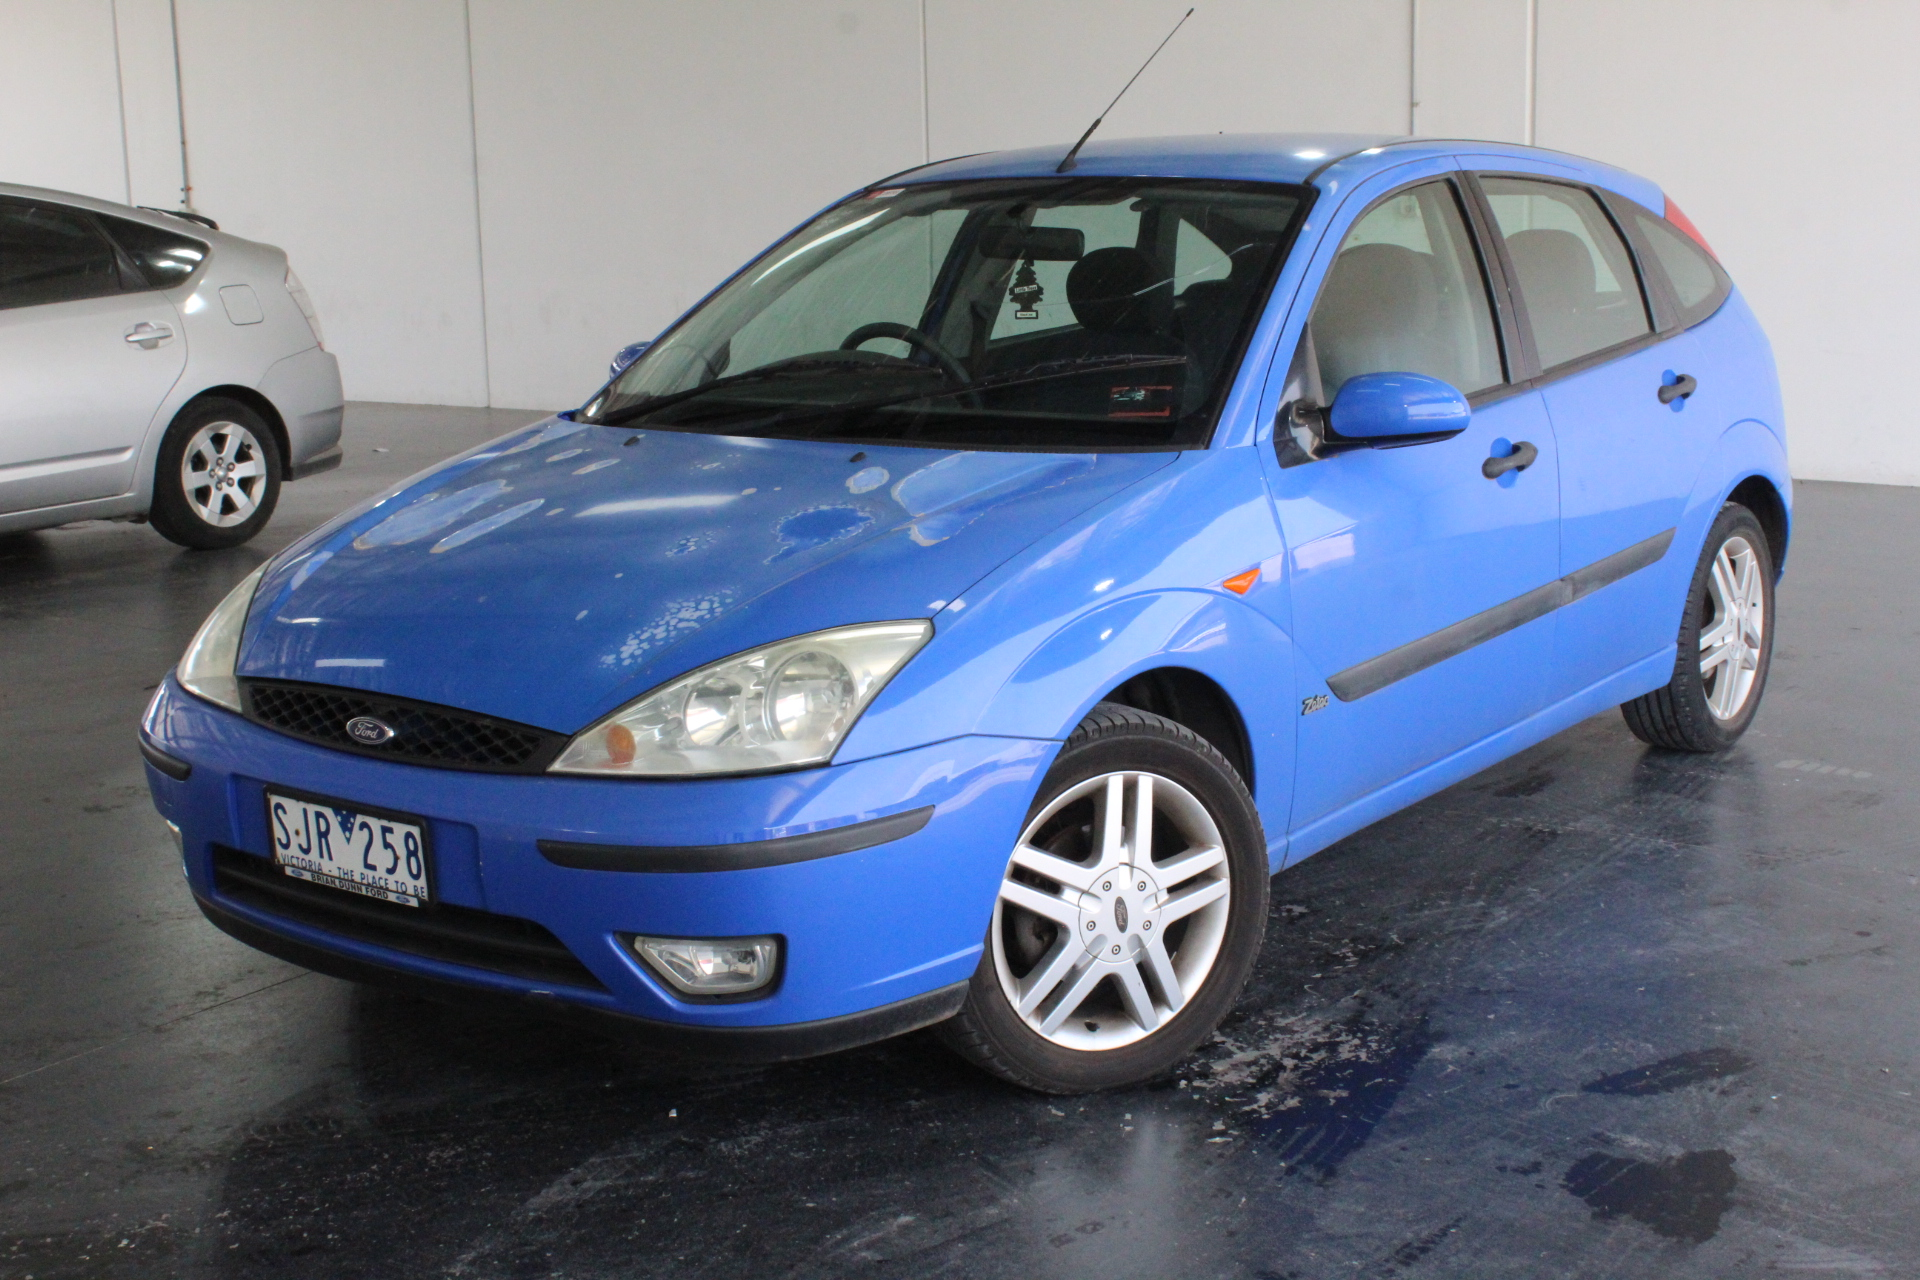 2003 Ford Focus Zetec LR Automatic Hatchback